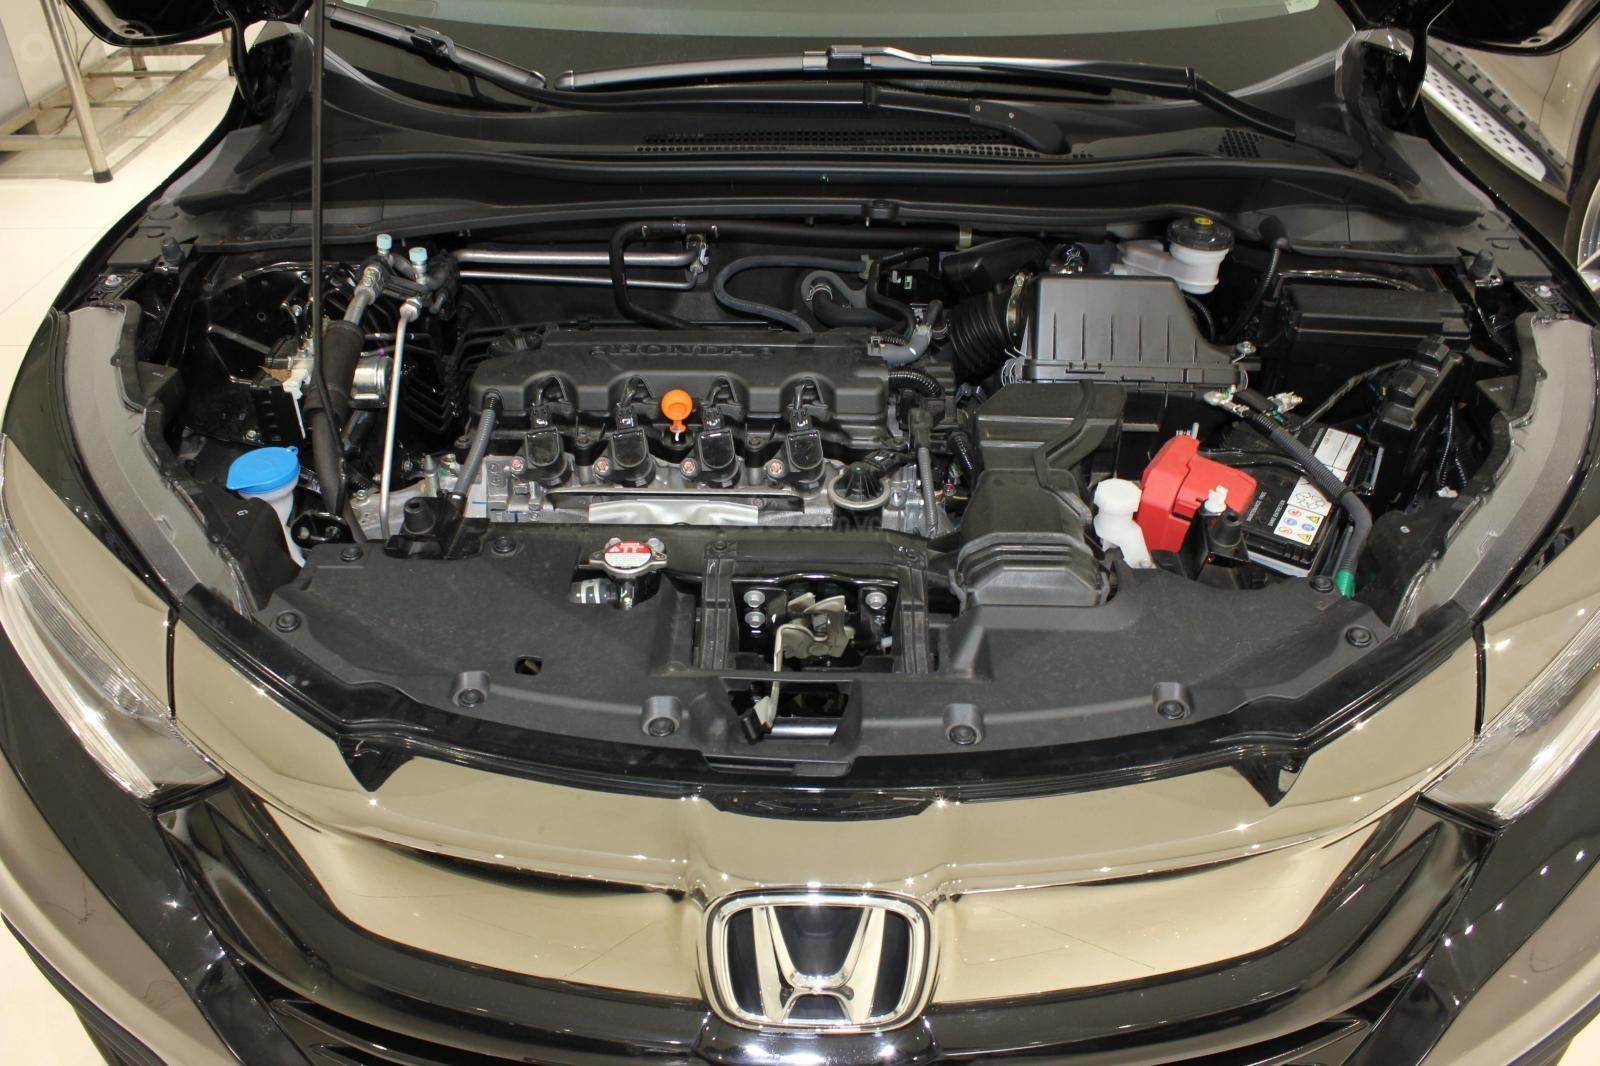 Cần bán xe Honda HR-V bản L 1.8AT SX 2018, màu đen, nhập Thái, siêu lướt 1300km, biển SG (22)